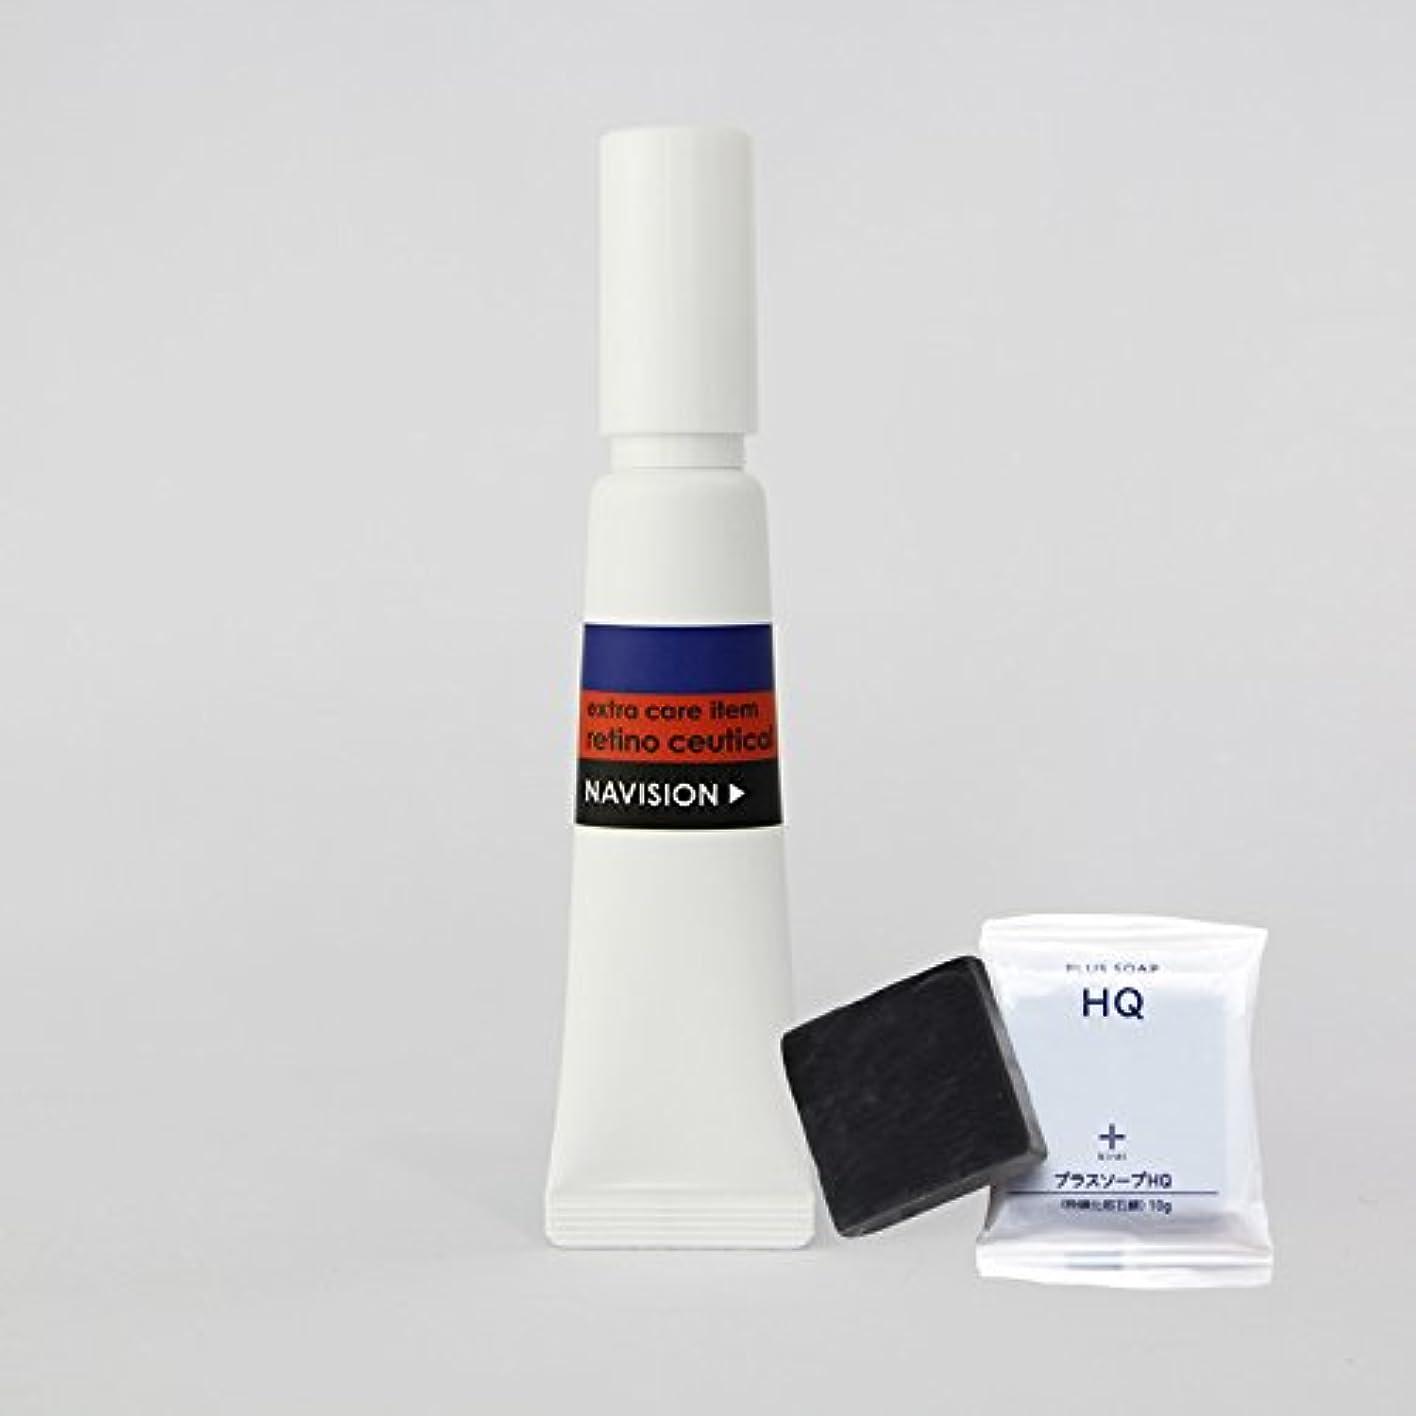 カート入射顕微鏡ナビジョン NAVISION レチノシューティカル 15g (医薬部外品) + プラスキレイ プラスソープHQミニ